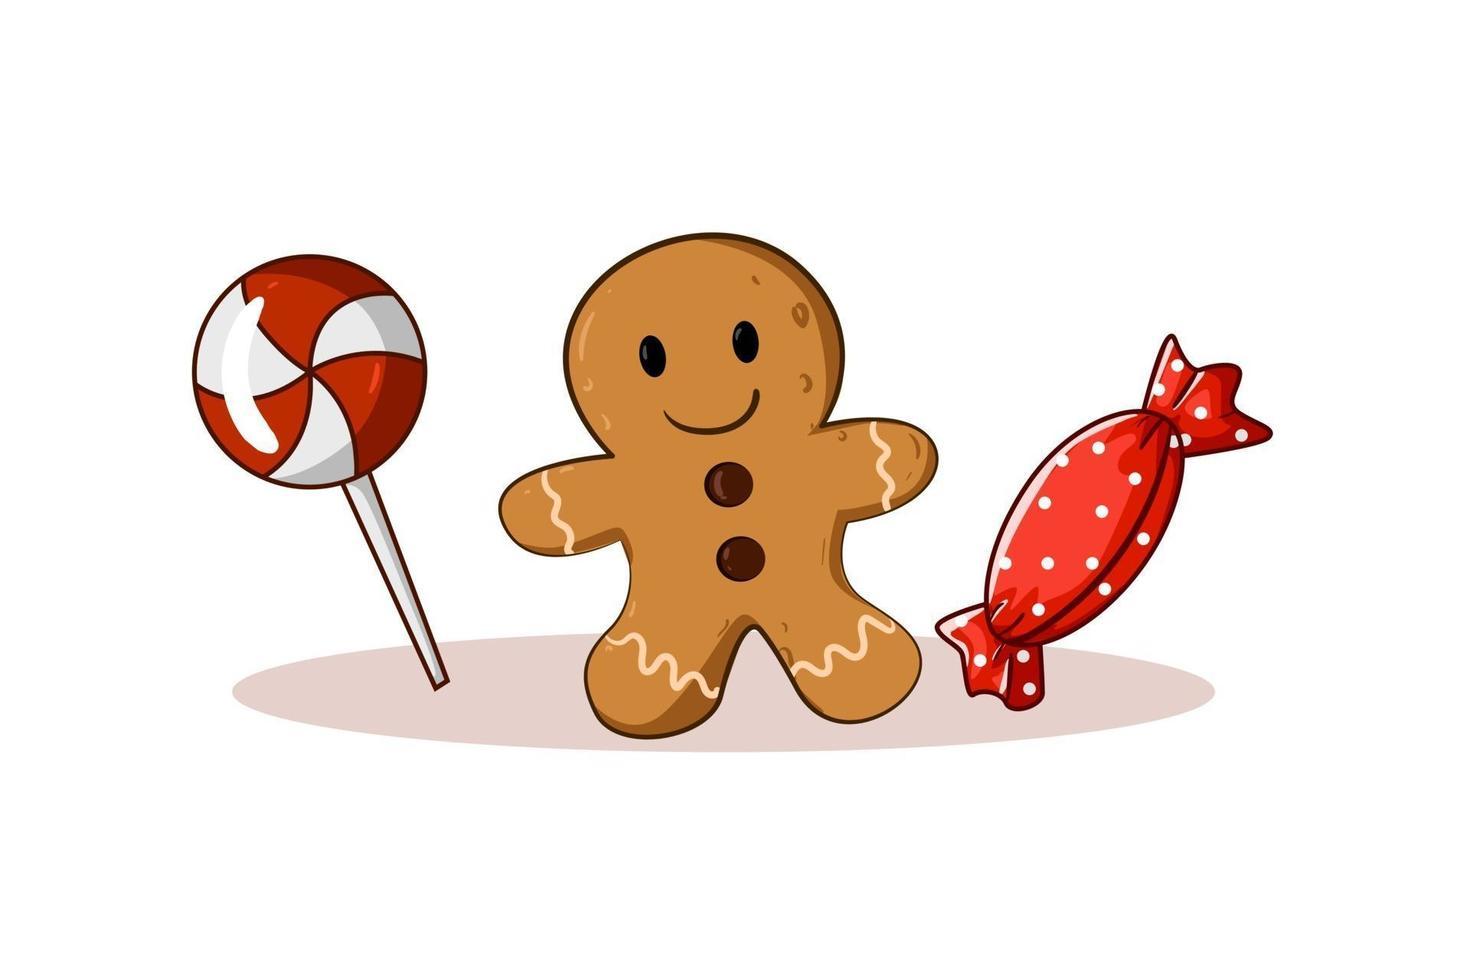 ilustração do tema natalino de doces e biscoitos vetor